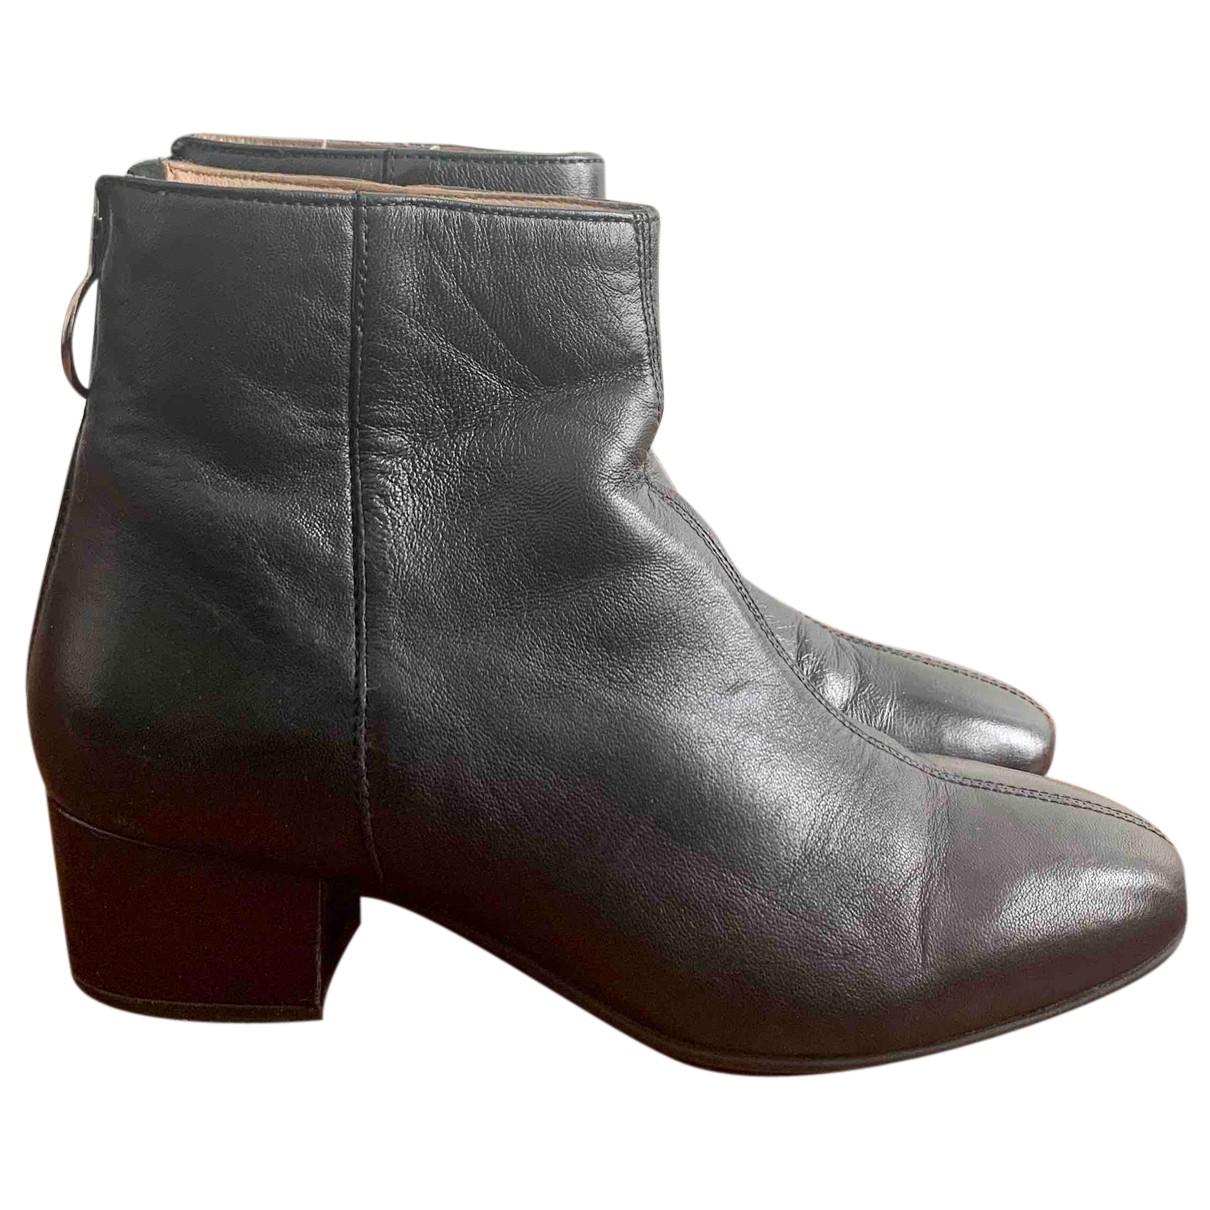 H&m Studio - Boots   pour femme en cuir - noir